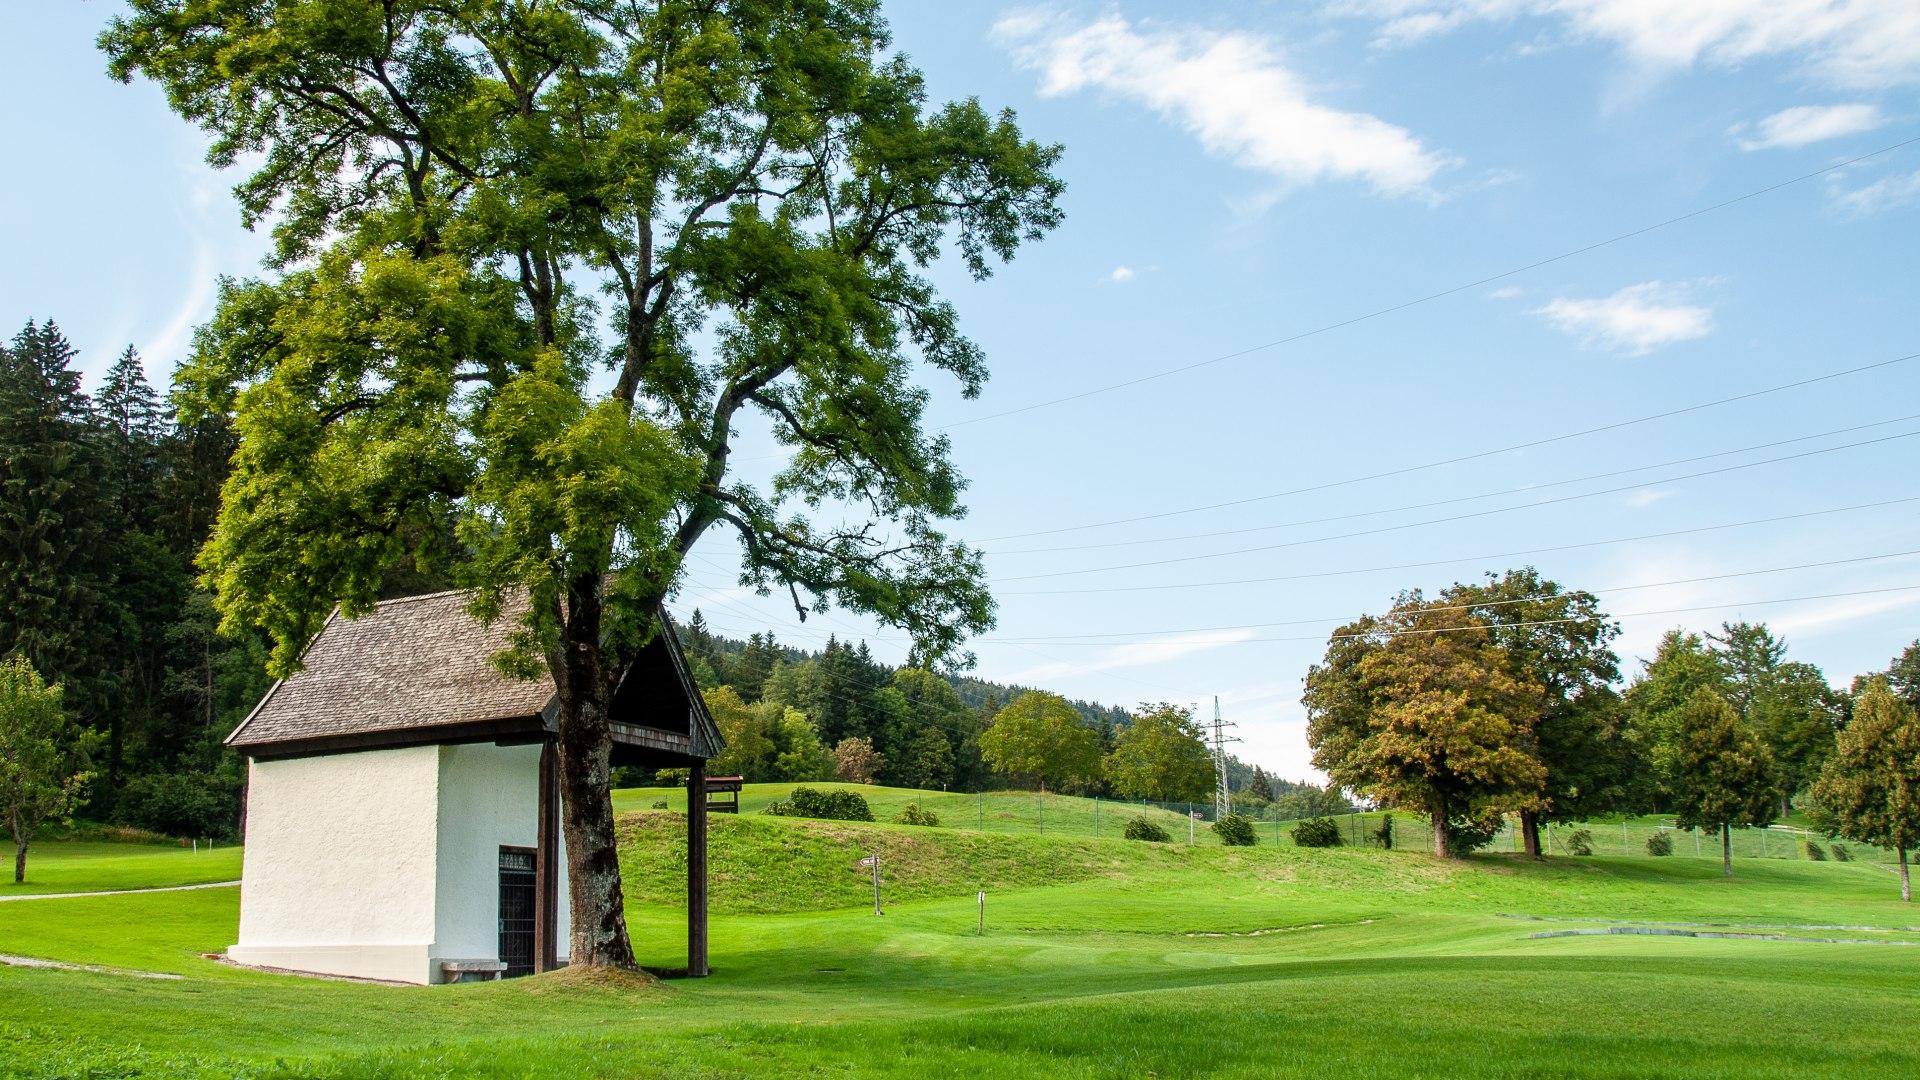 Quirinusoel Kapelle Bad Wiessee, © Der Tegernsee, Sabine Ziegler-Musiol